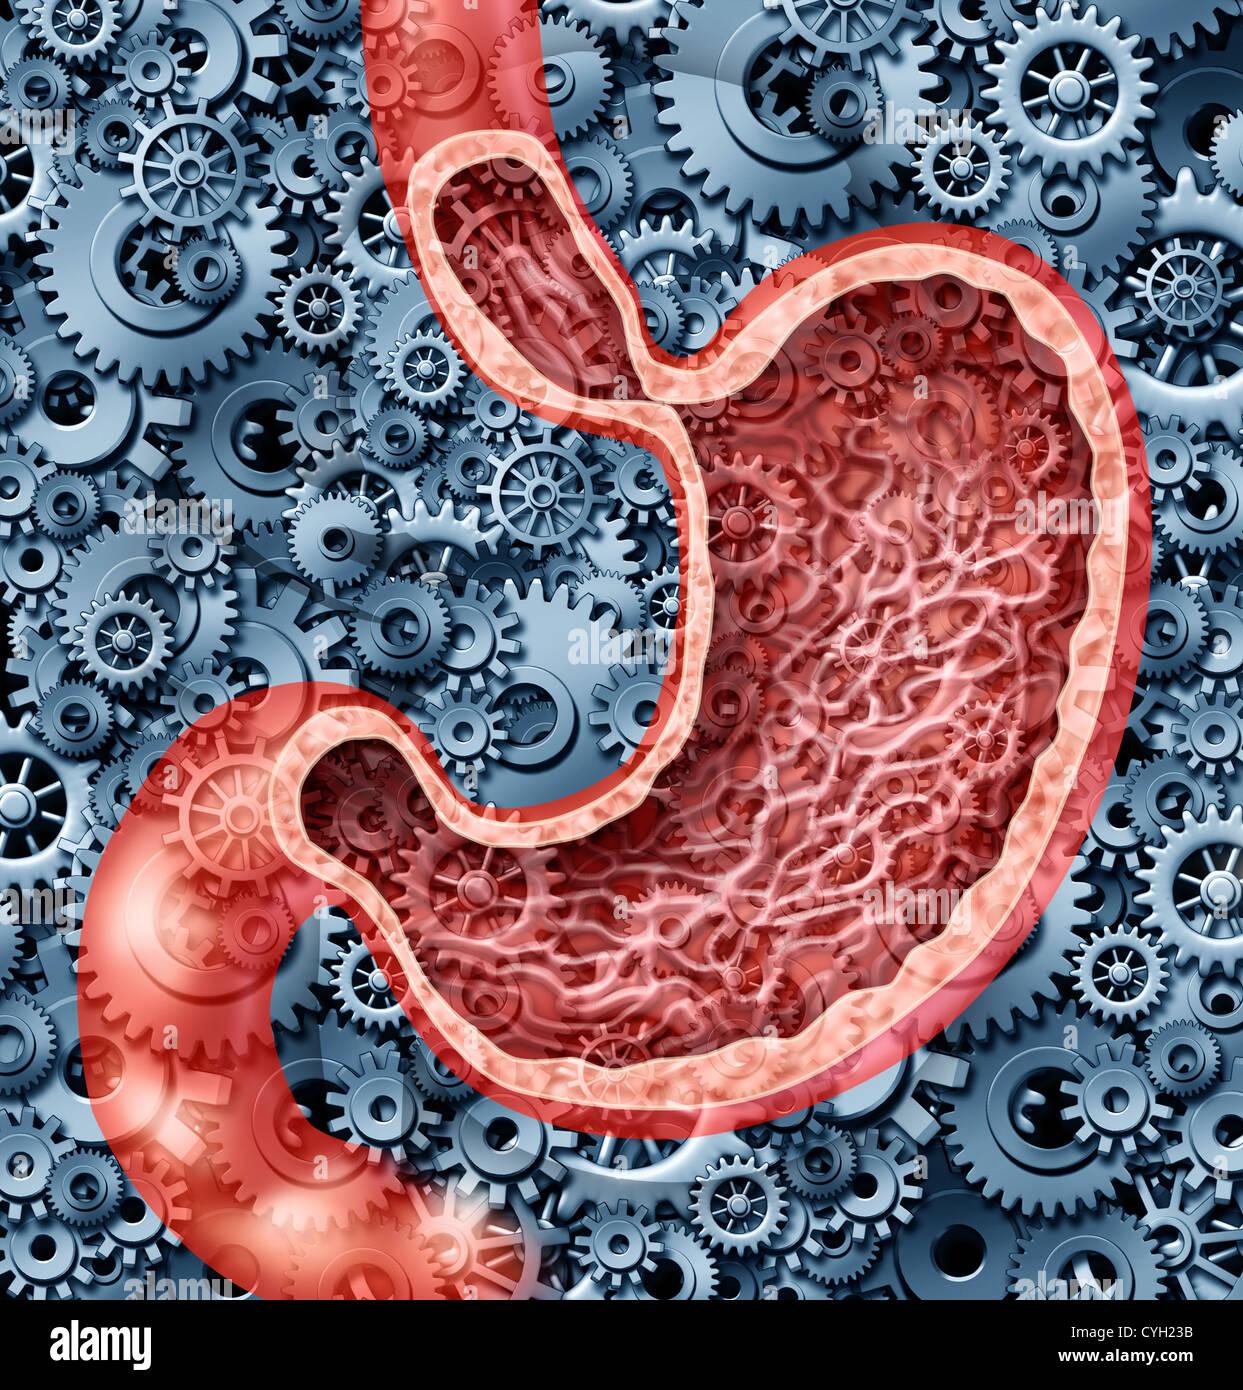 La digestión humana funciona como un estómago anatomía del órgano ...